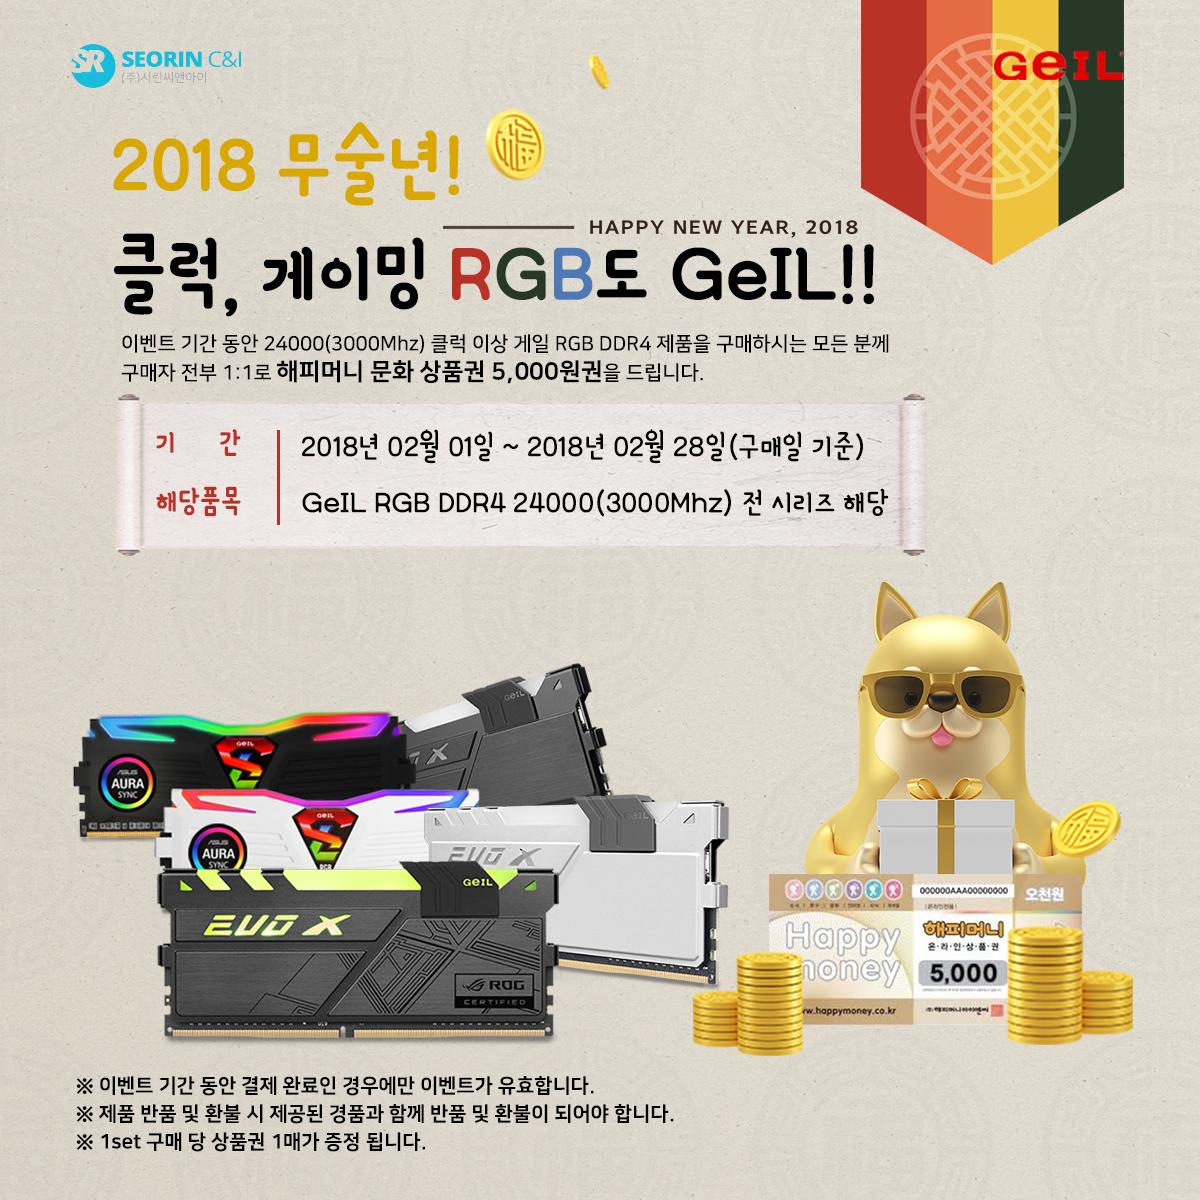 (주)서린씨앤아이 게일 RGB 24000클럭 제품 이상 구매자 상품권 증정 이벤트 실시